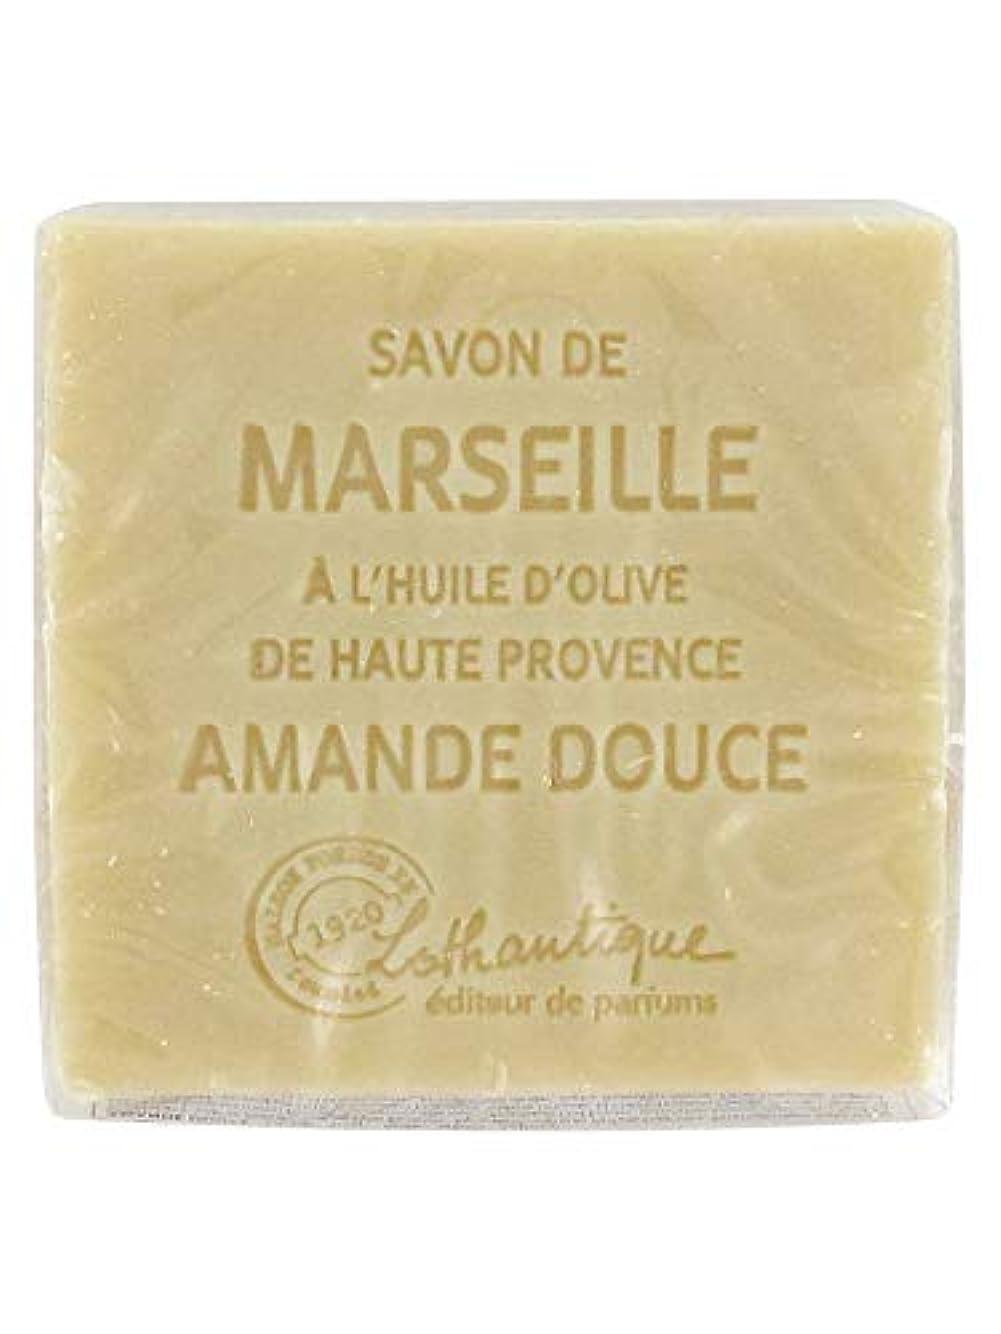 横たわる主観的重なるLothantique(ロタンティック) Les savons de Marseille(マルセイユソープ) マルセイユソープ 100g 「アーモンド」 3420070038111